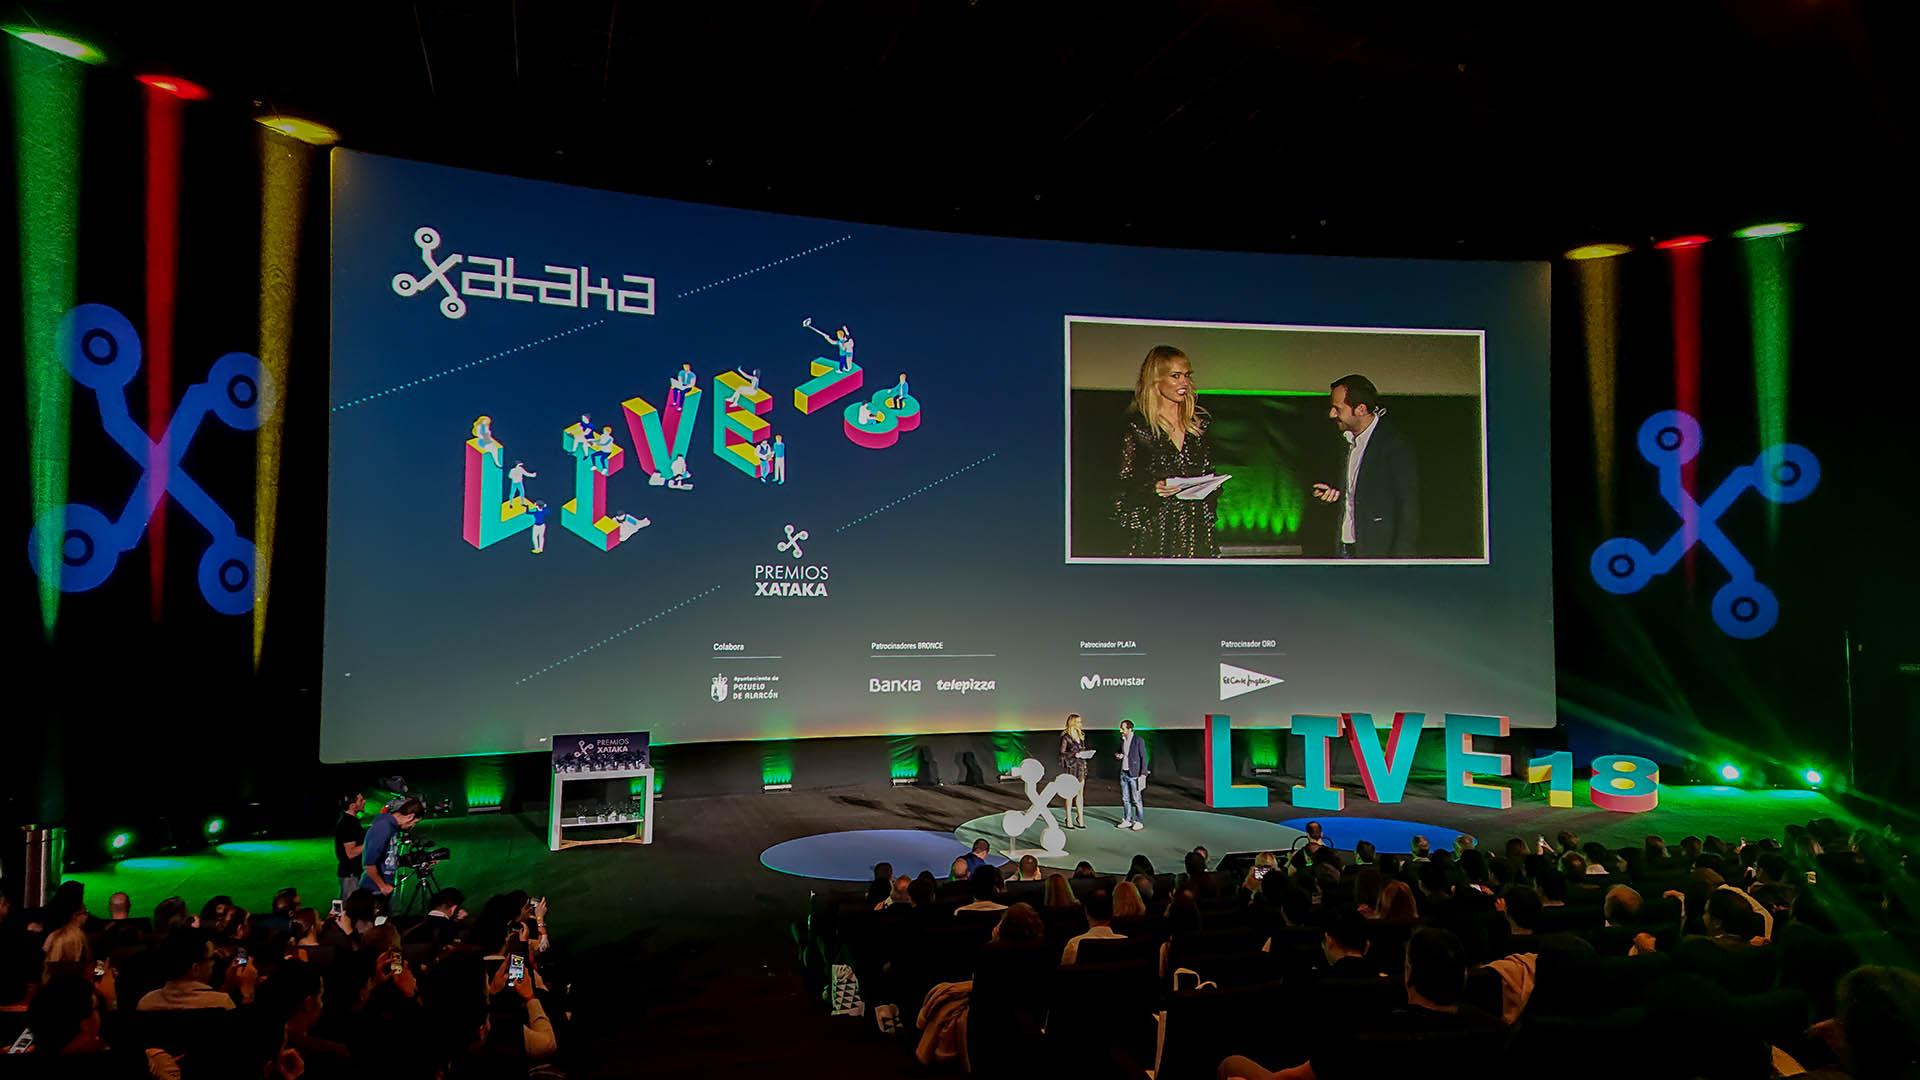 Xataca awards presentation event. Audiovisual assembly